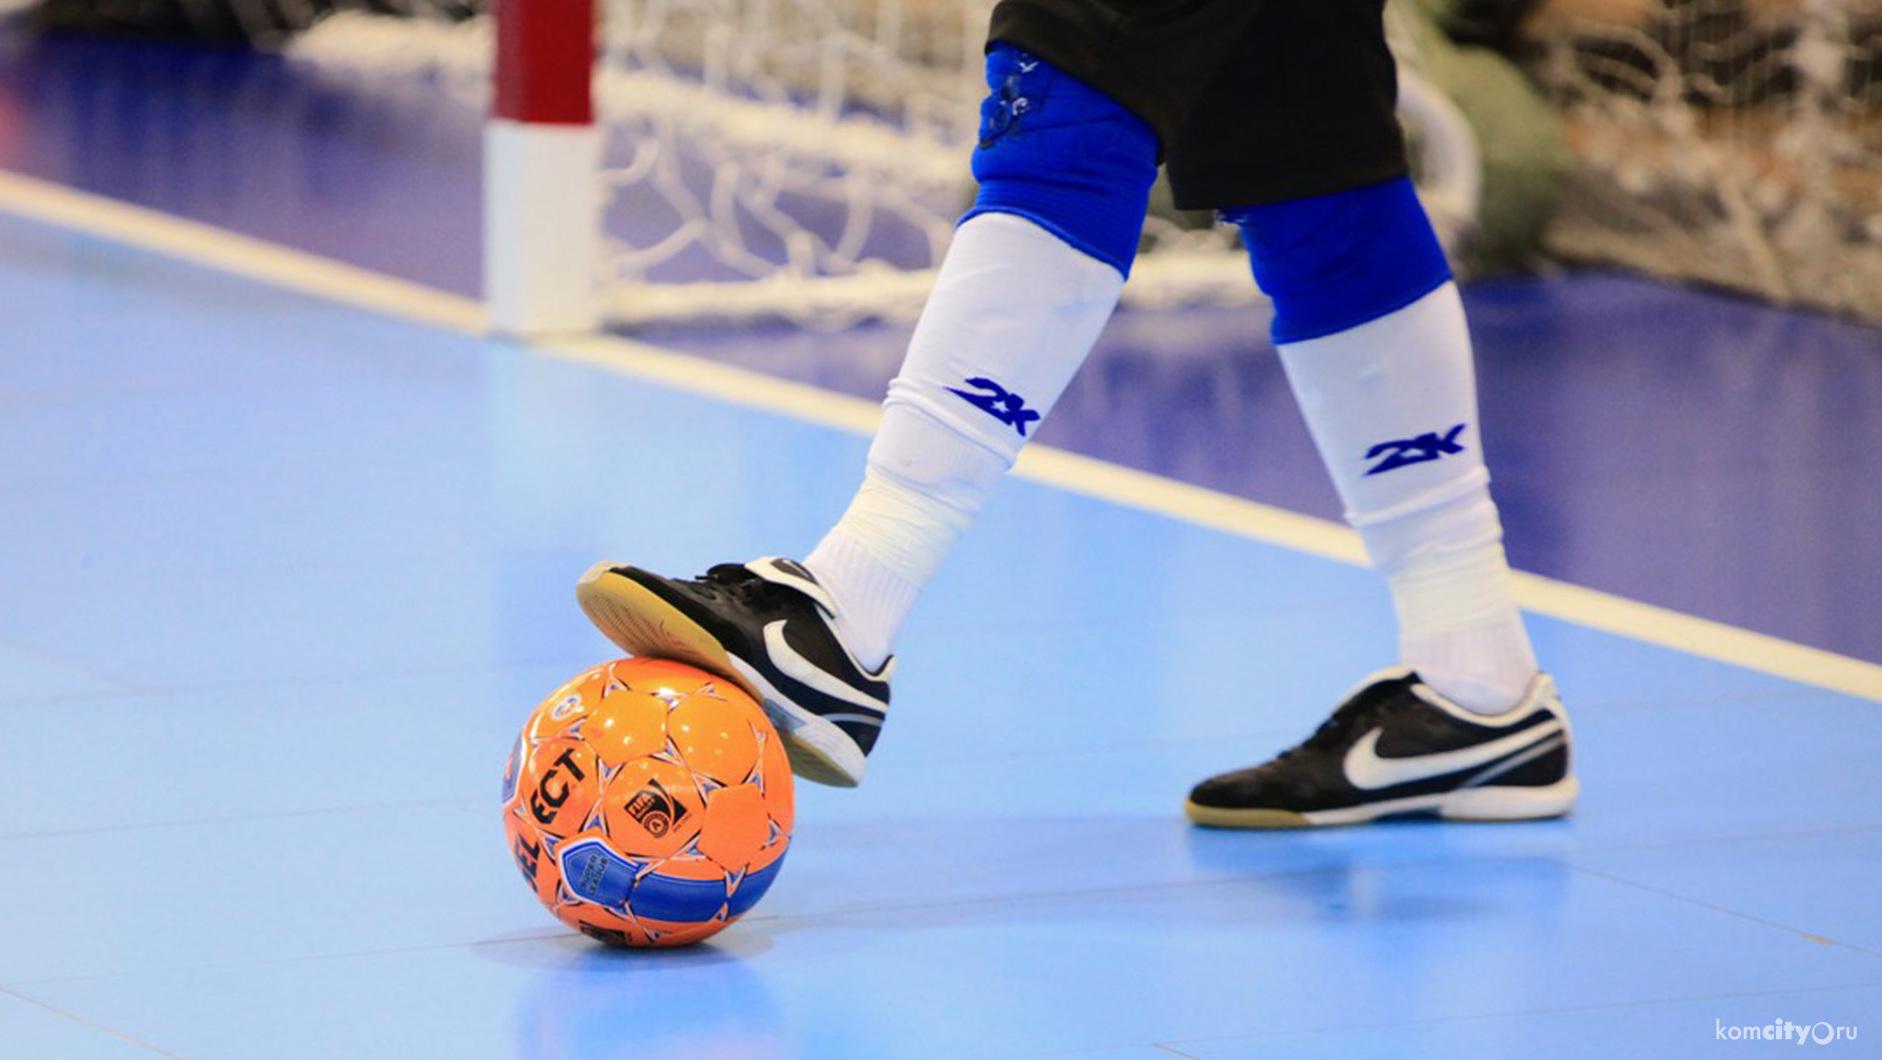 Слепой спортсмен из Комсомольска-на-Амуре примет участие во всероссийских соревнованиях по мини-футболу